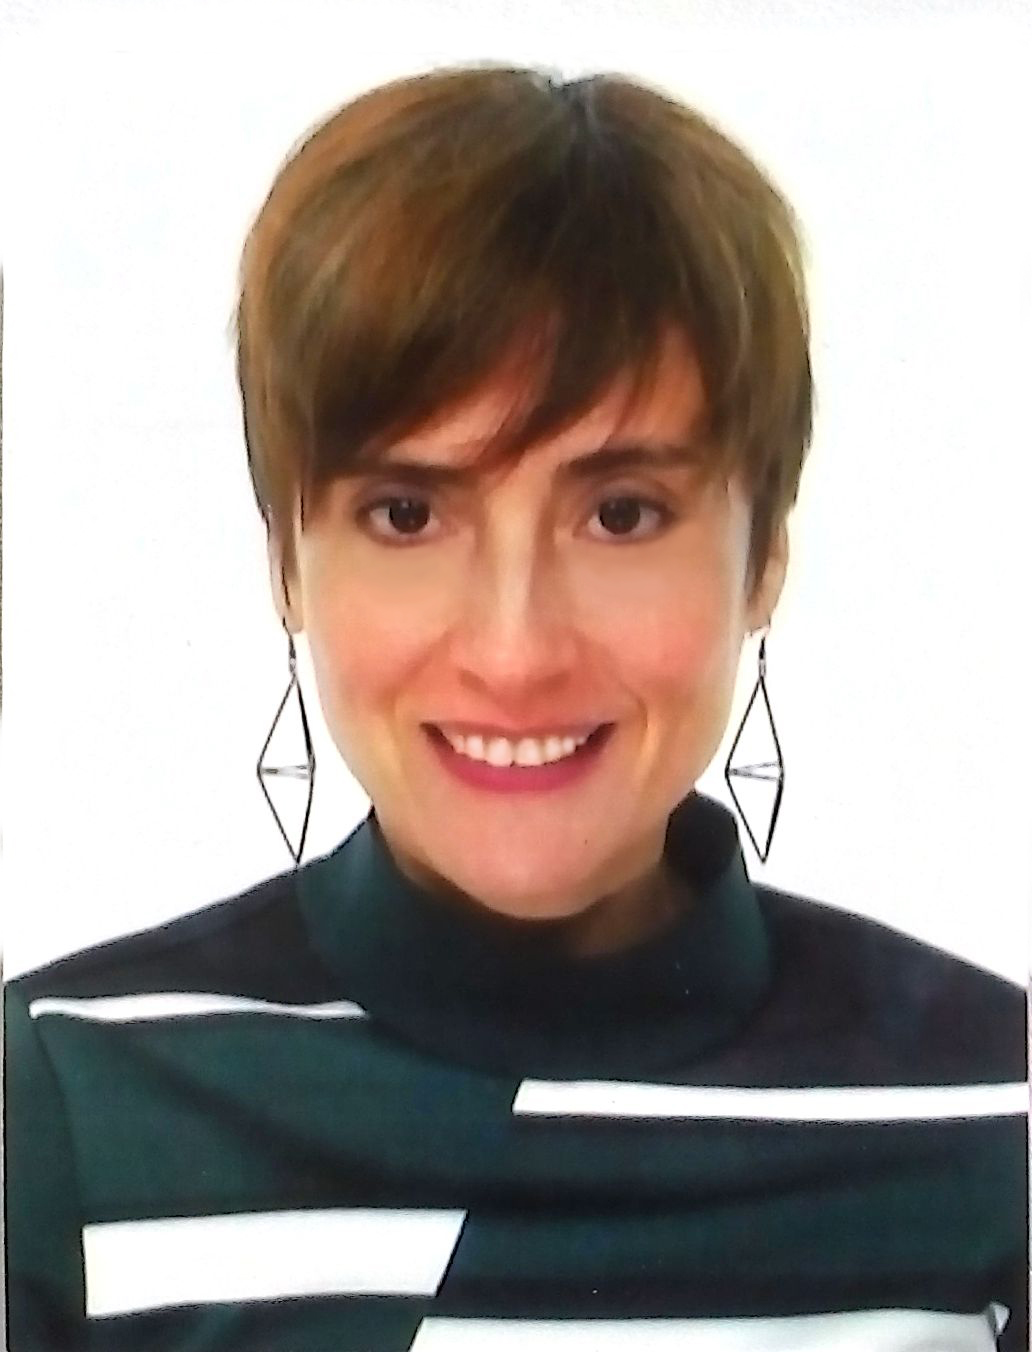 Dra. Patricia Crespo Sogas